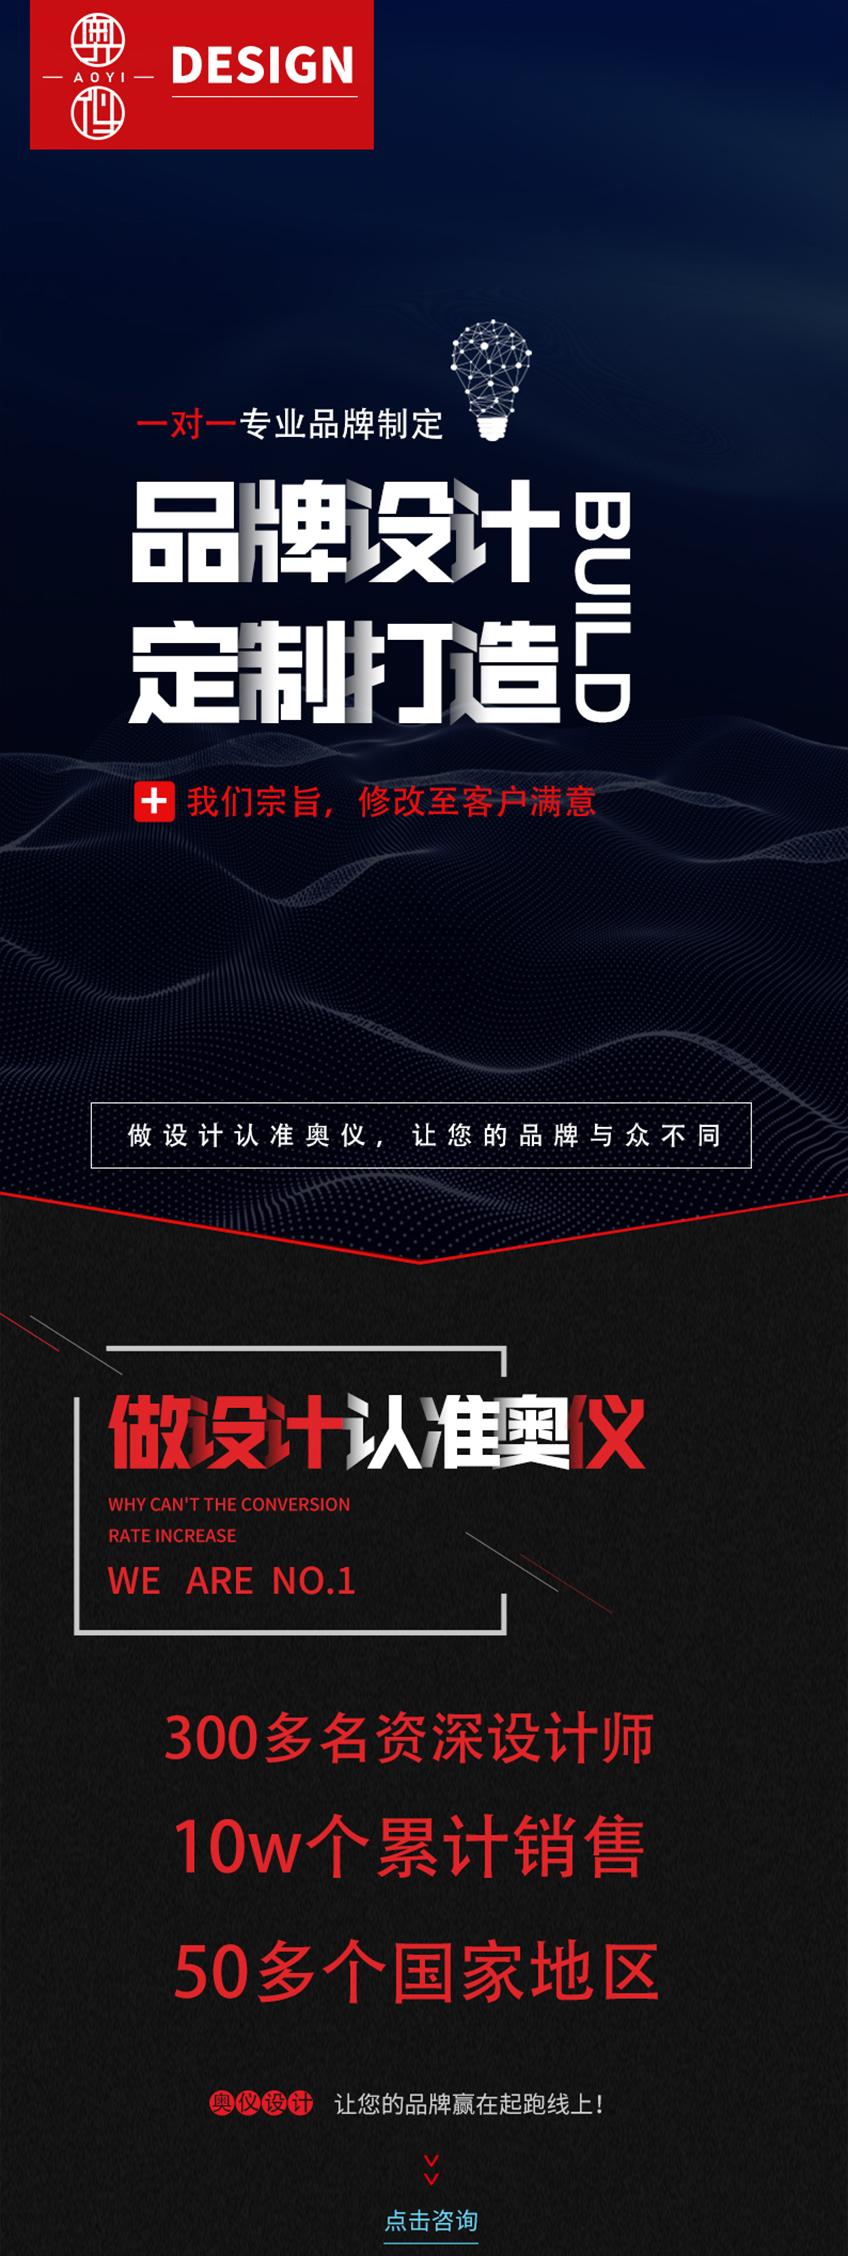 _企业公司品牌logo设计图文原创标志商标LOGO图标平面设计1